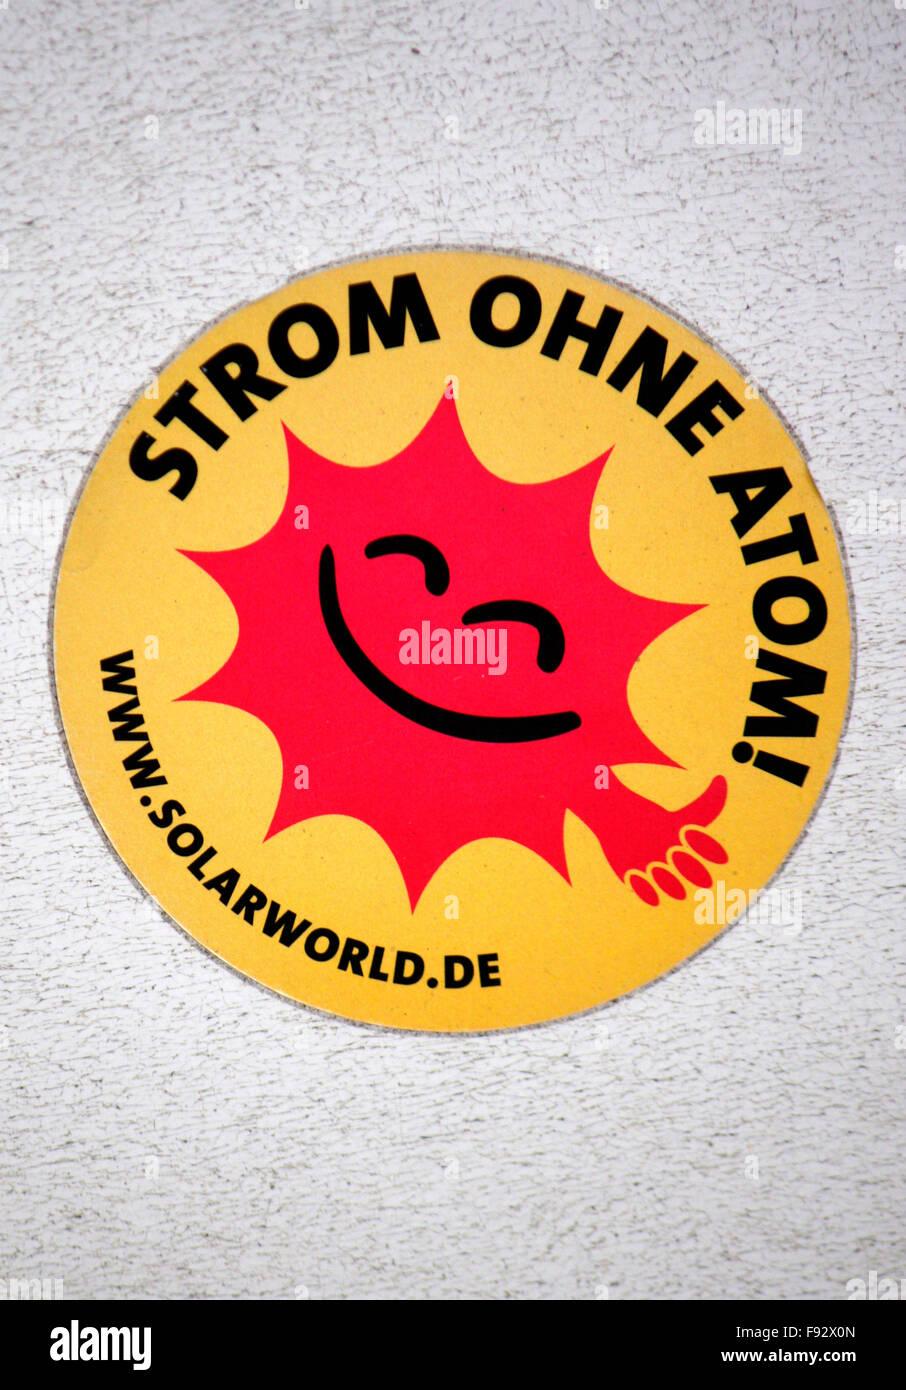 Aufkleber mit Slogan 'Strom ohne Atom', Berlin. - Stock Image